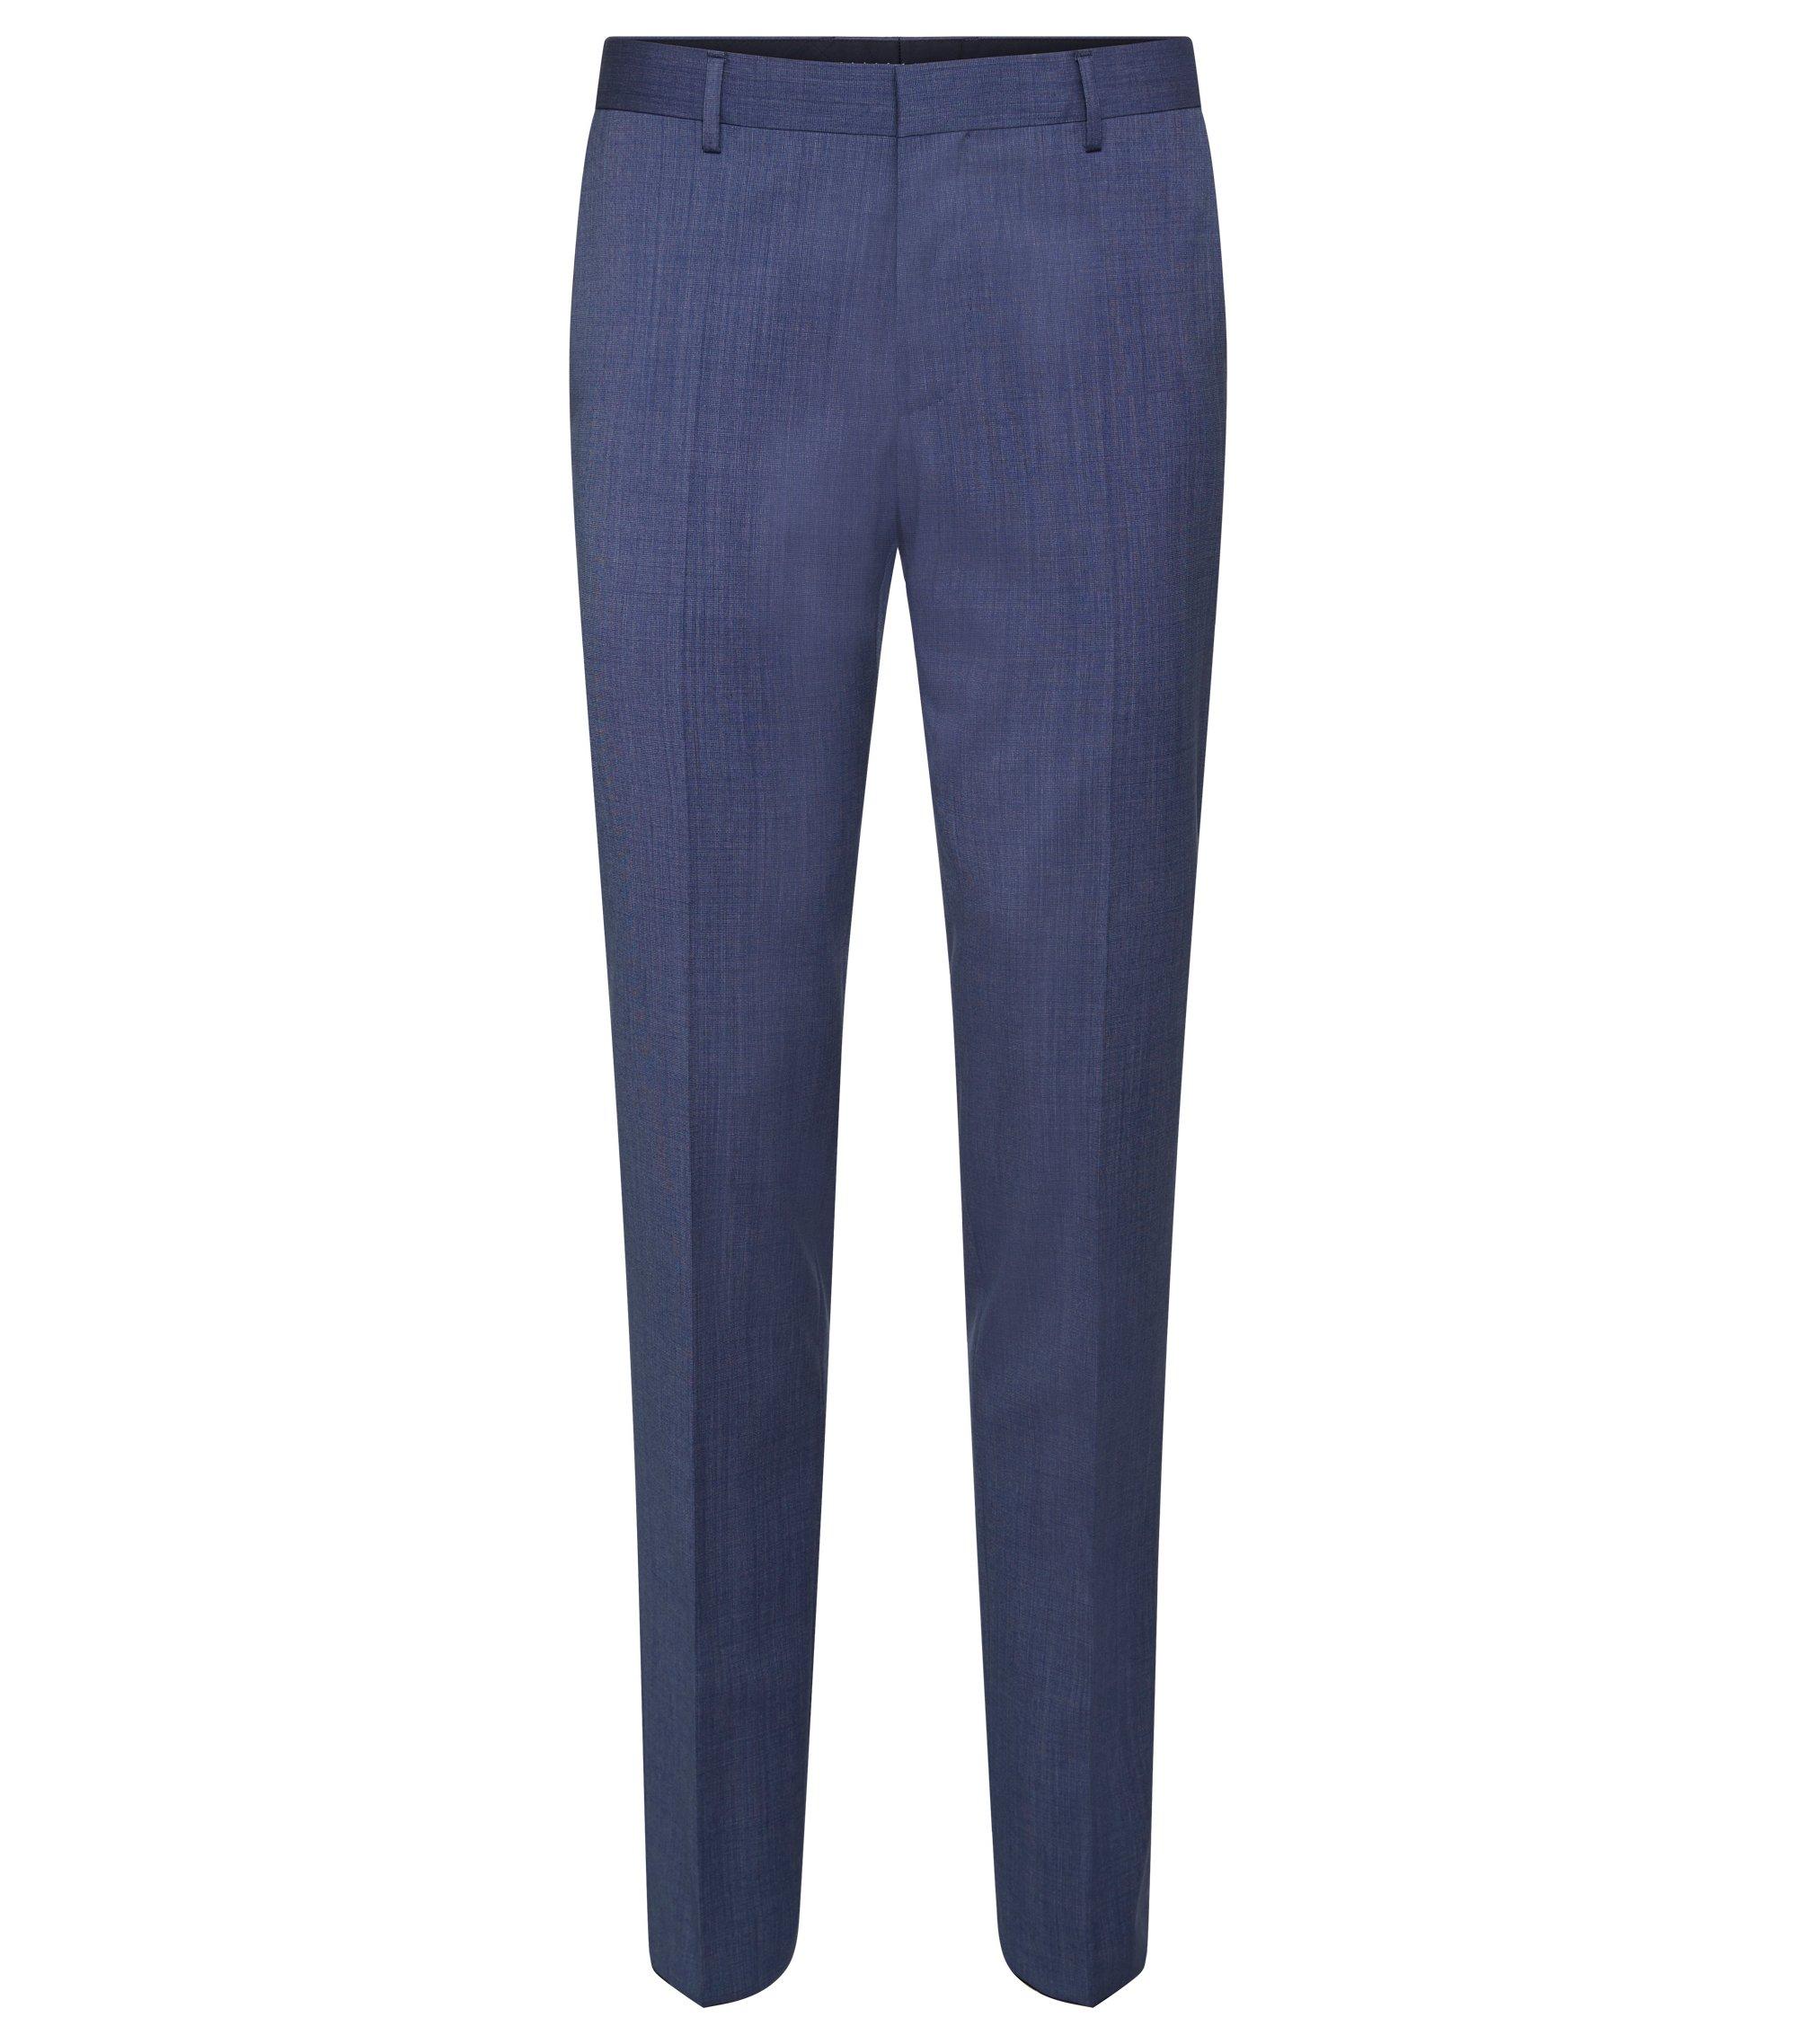 Italian Virgin Wool Dress Pant, Slim Fit | Bevan, Blue